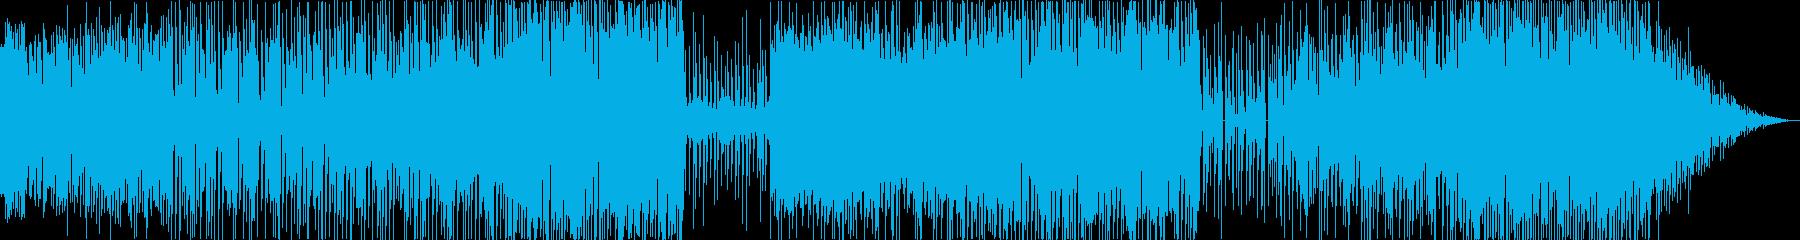 メリーゴーランドのように楽しい電子音楽の再生済みの波形